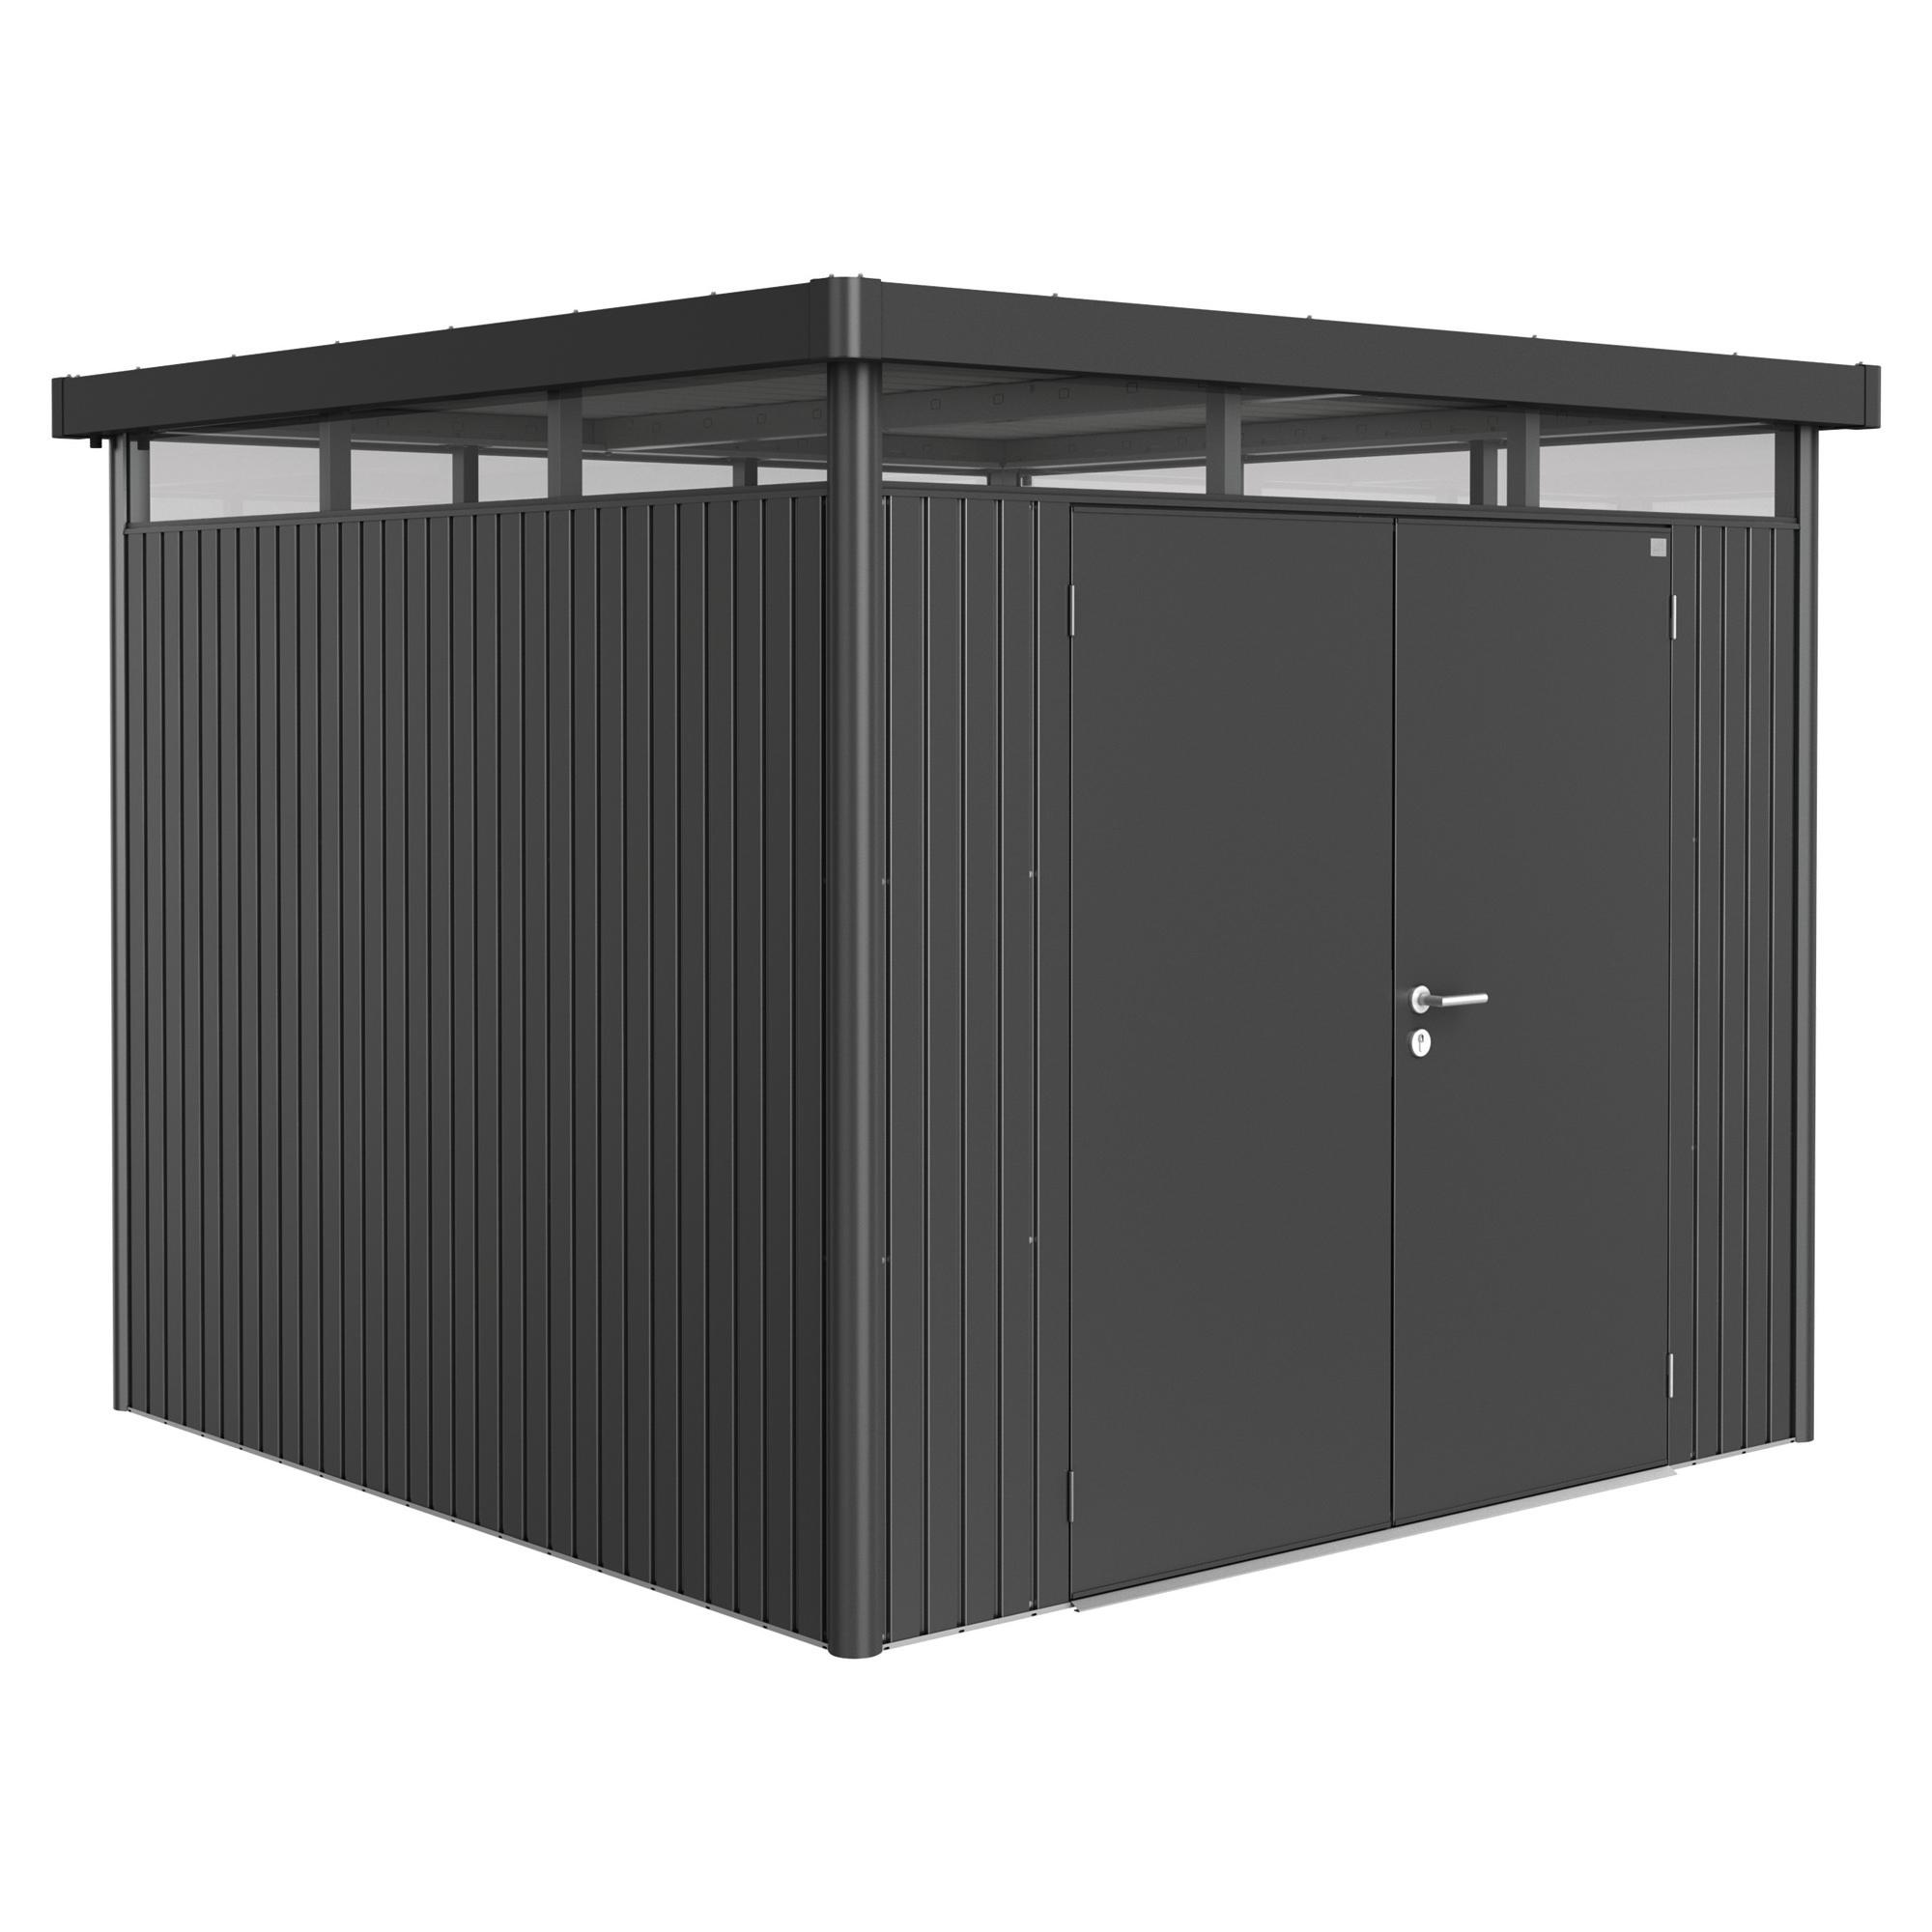 gartenh user toom baumarkt. Black Bedroom Furniture Sets. Home Design Ideas